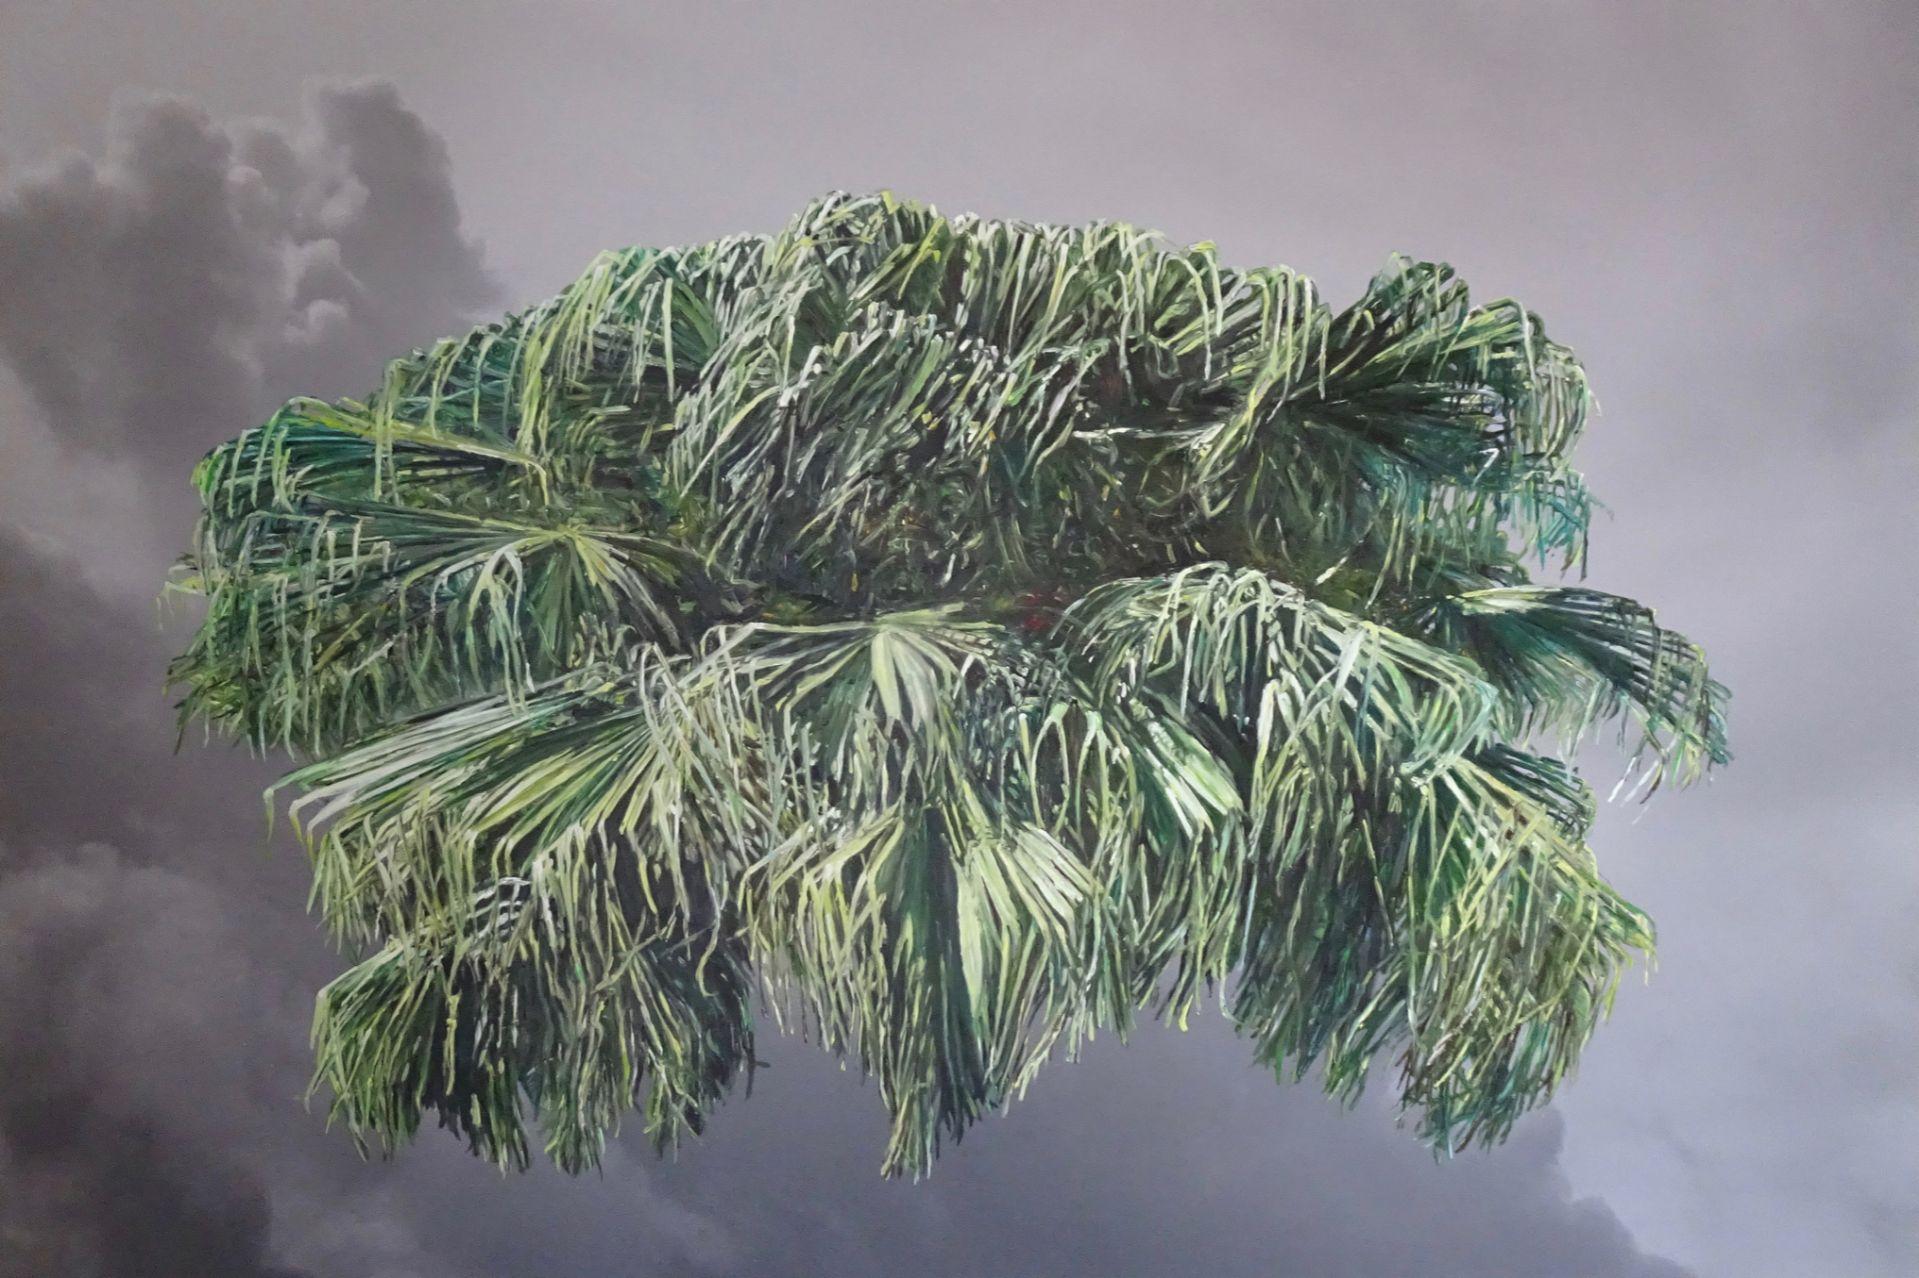 Eva Rosenstiel Cloud Bermuda 2019, 60 x 90 cm